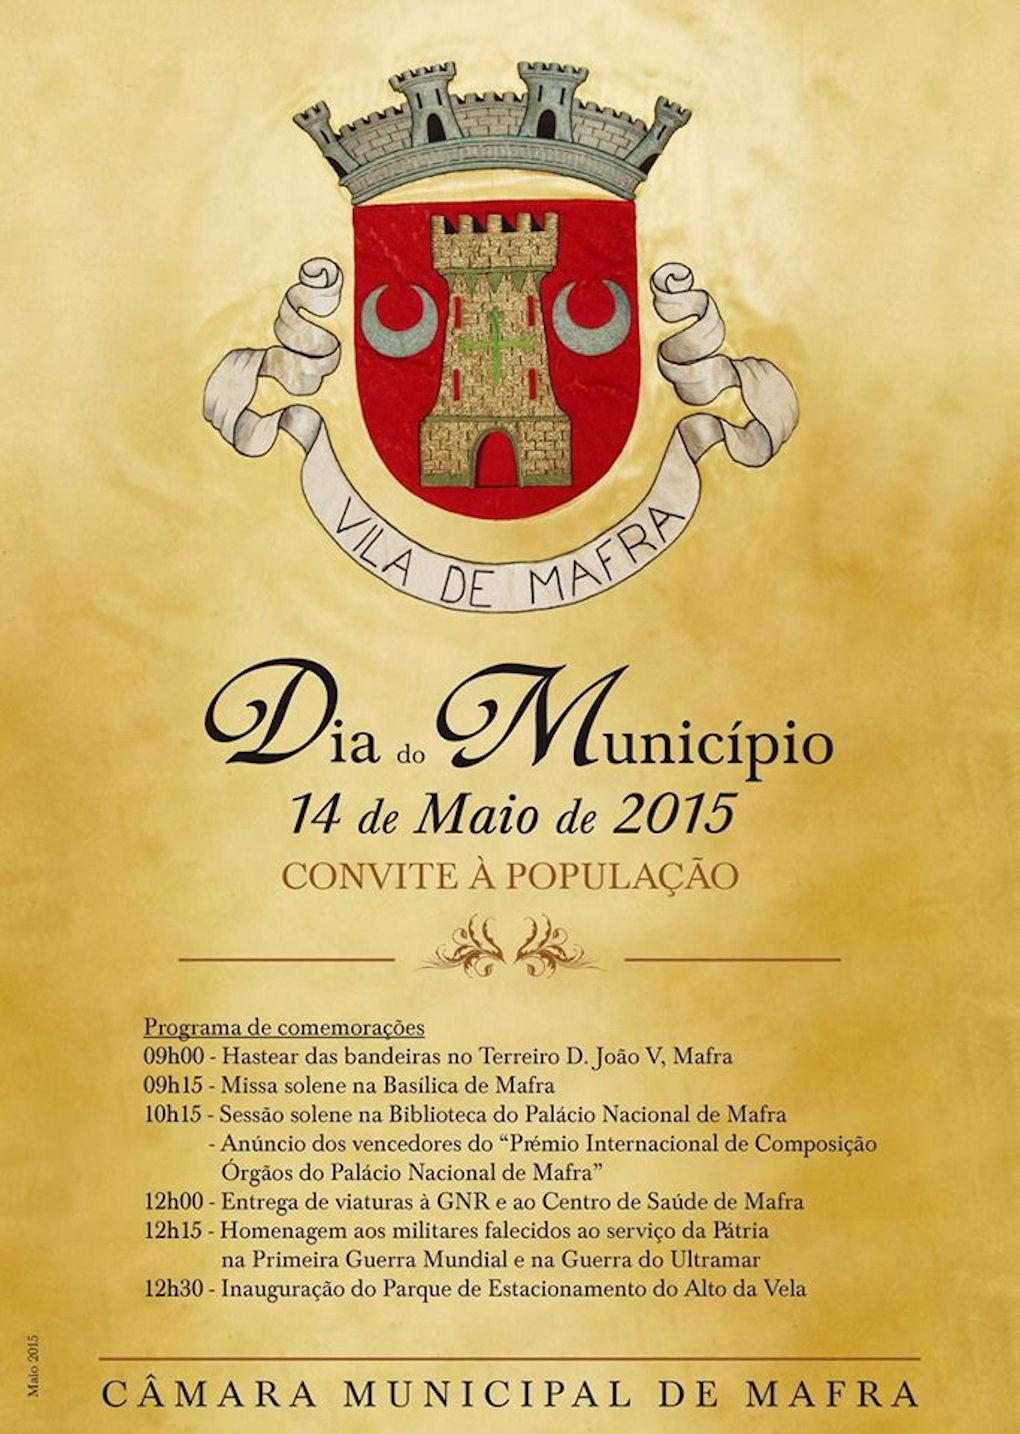 Inauguração dos memoriais aos Combatentes do Concelho de Mafra falecidos ao serviço da Pátria 01prog10